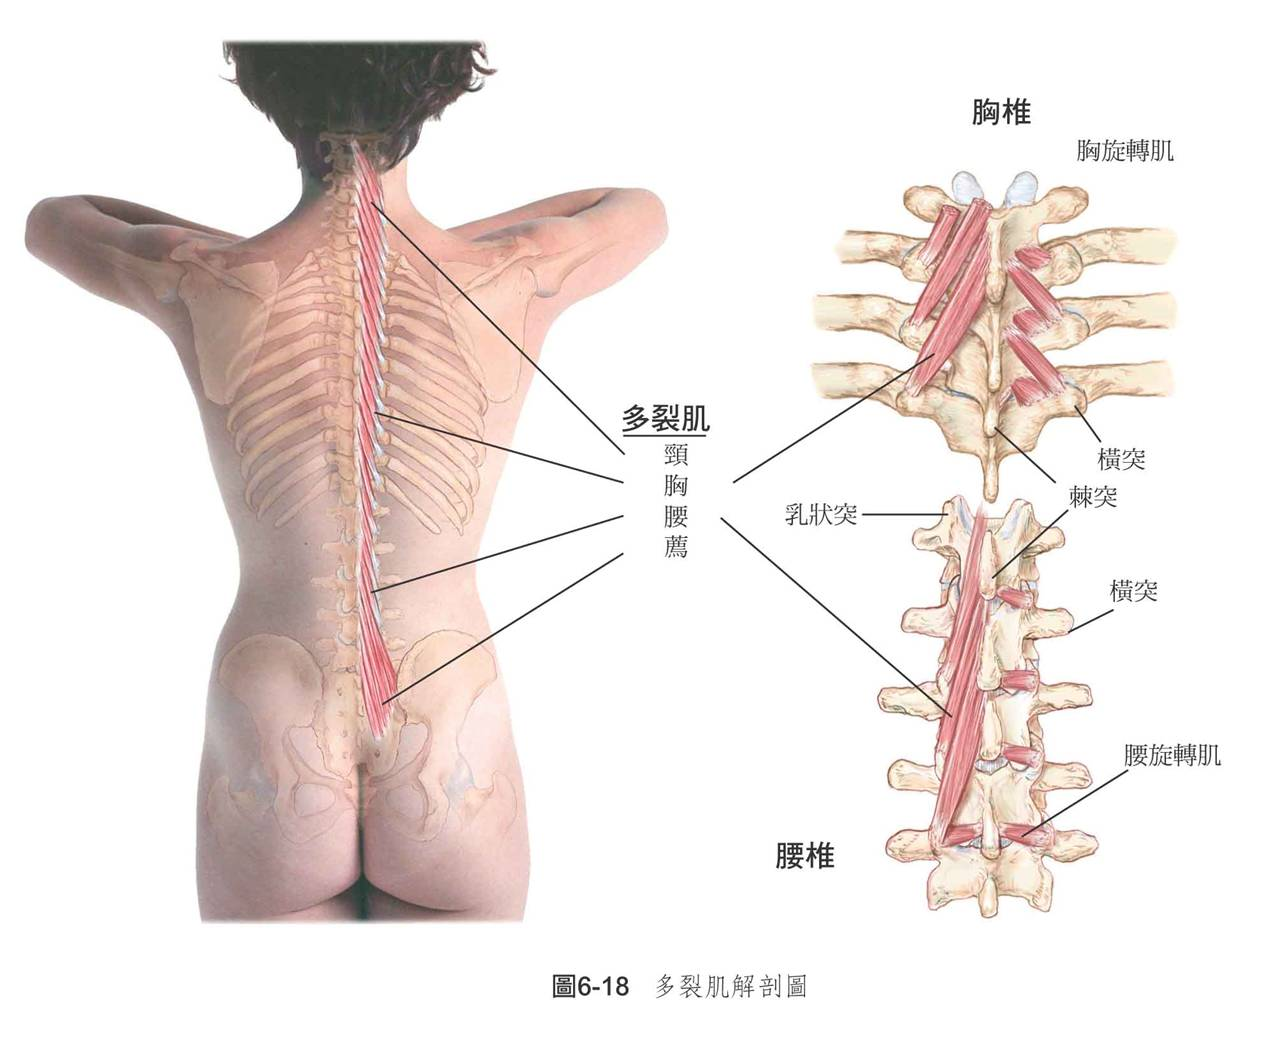 颈椎胸椎腰椎示意图